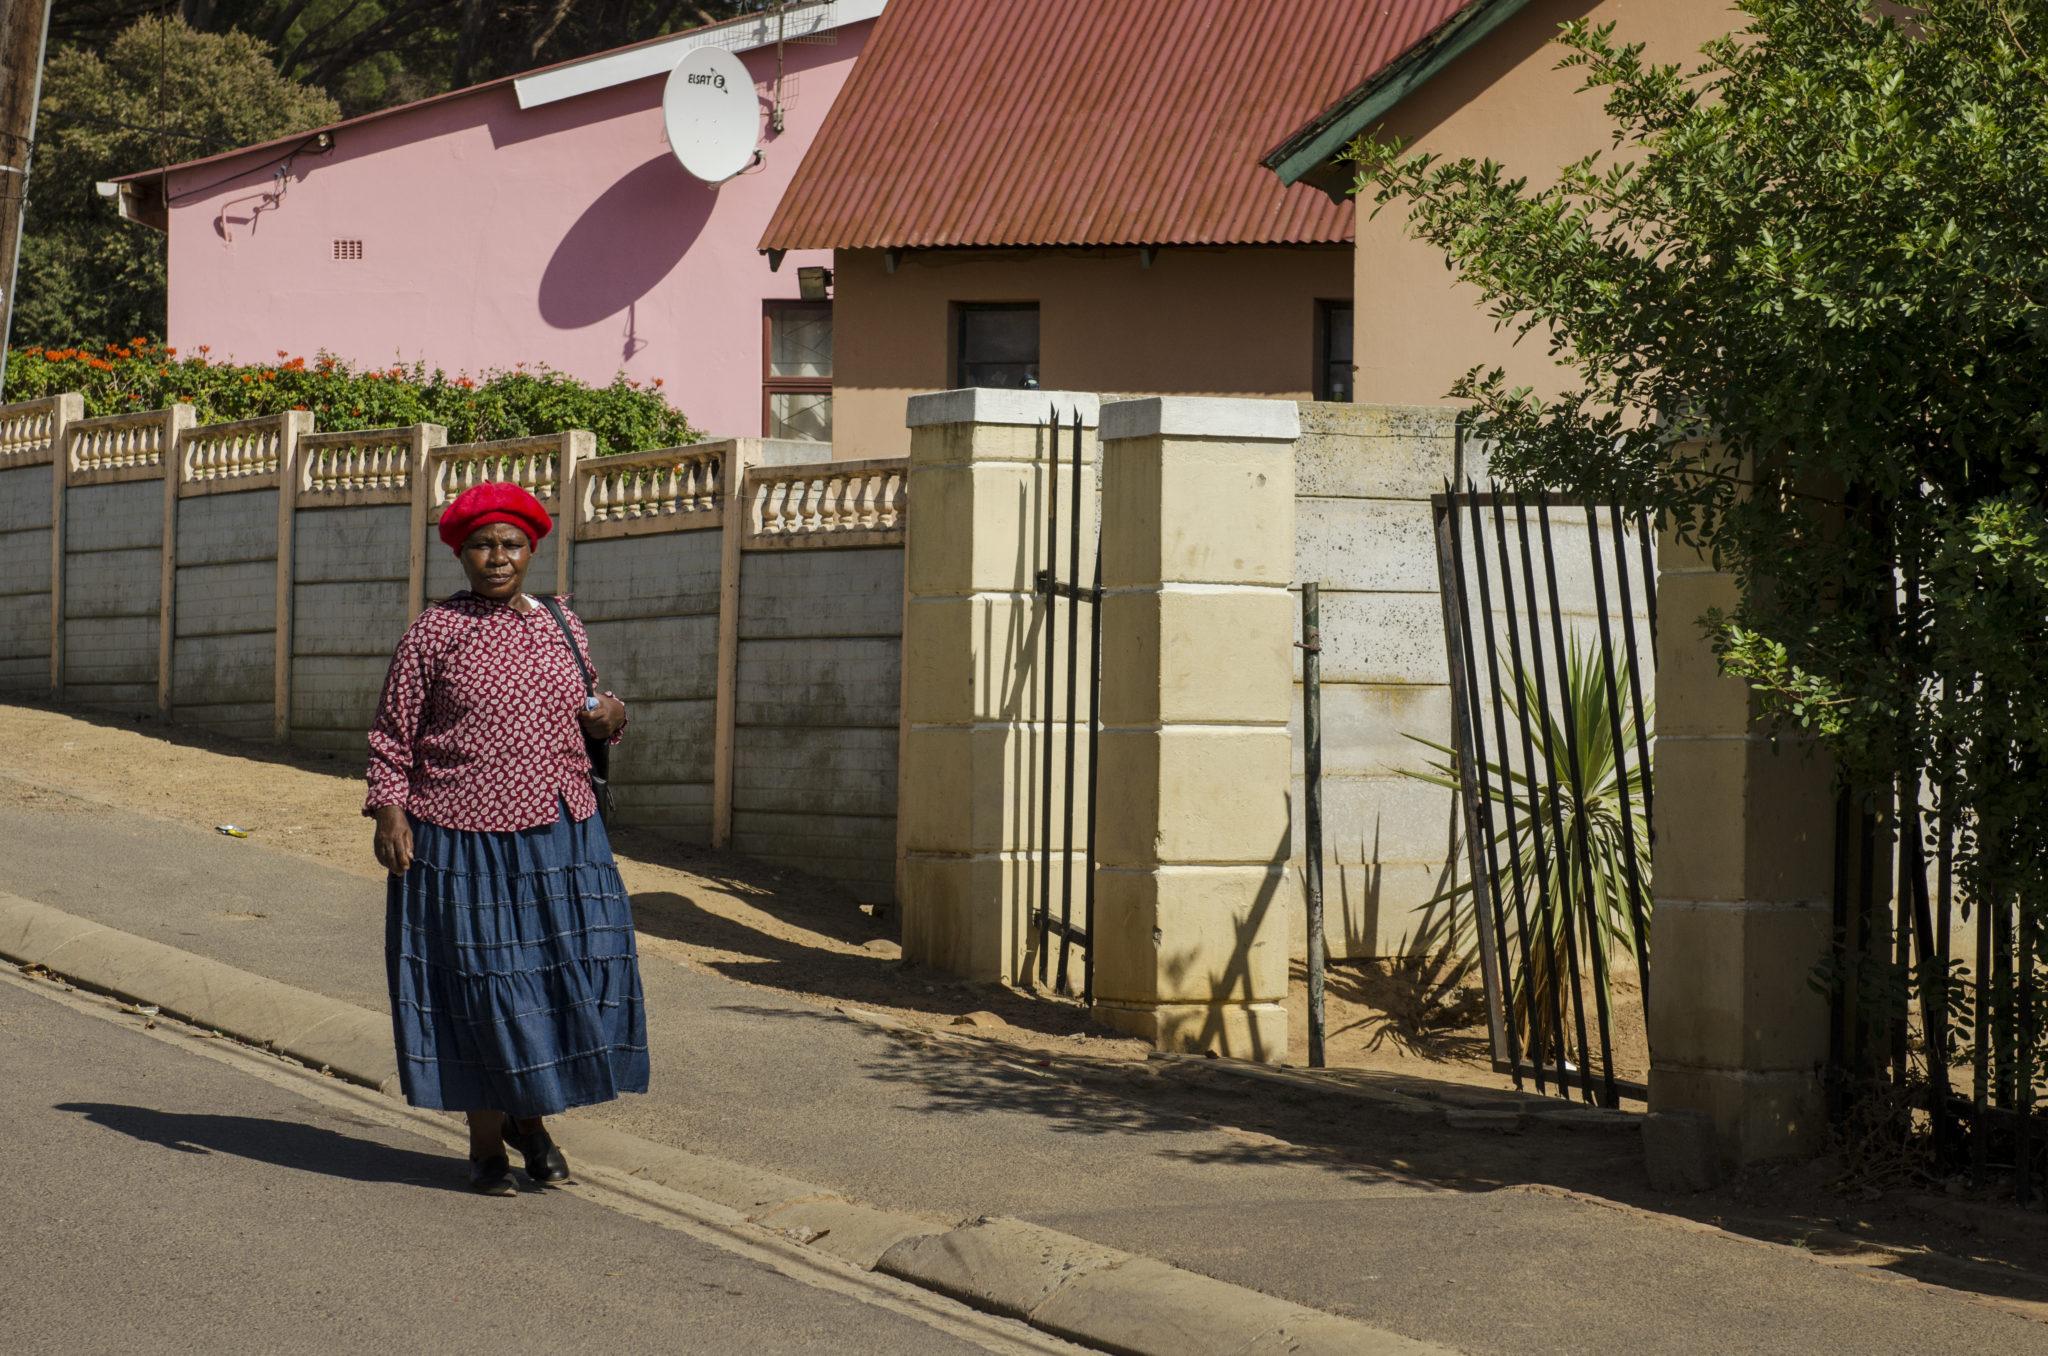 Eine Straße im Kayamandi Township in Stellenbosch in Südafrika